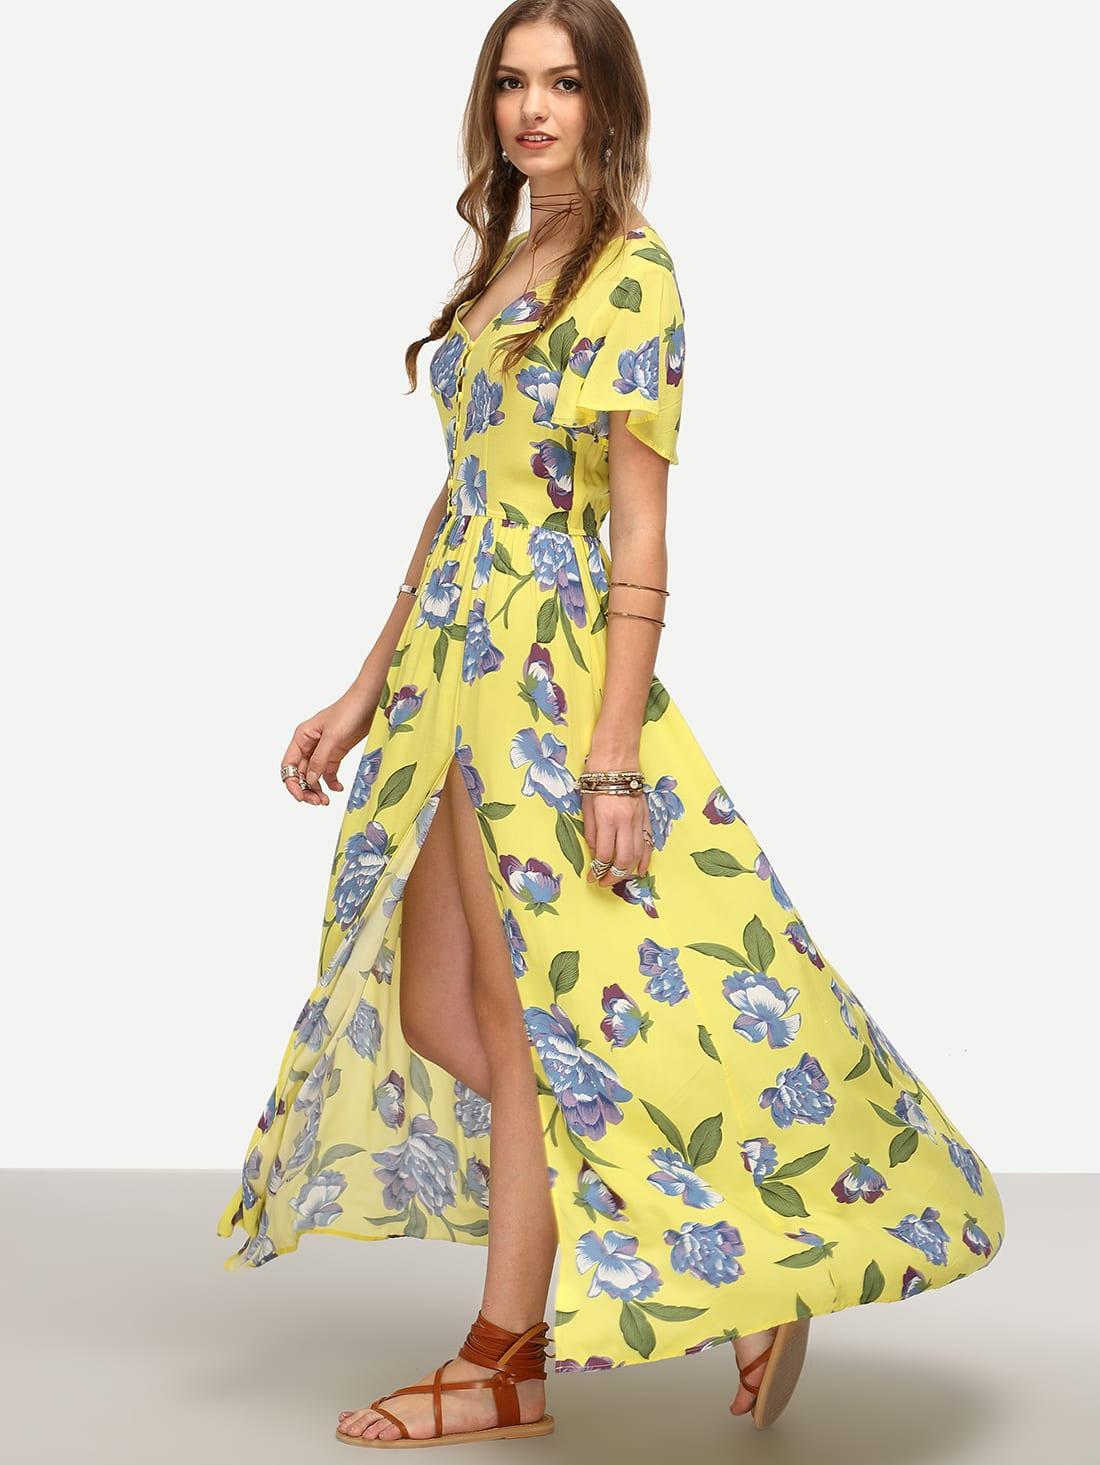 15 Genial Abendkleider Shein Vertrieb17 Top Abendkleider Shein Galerie